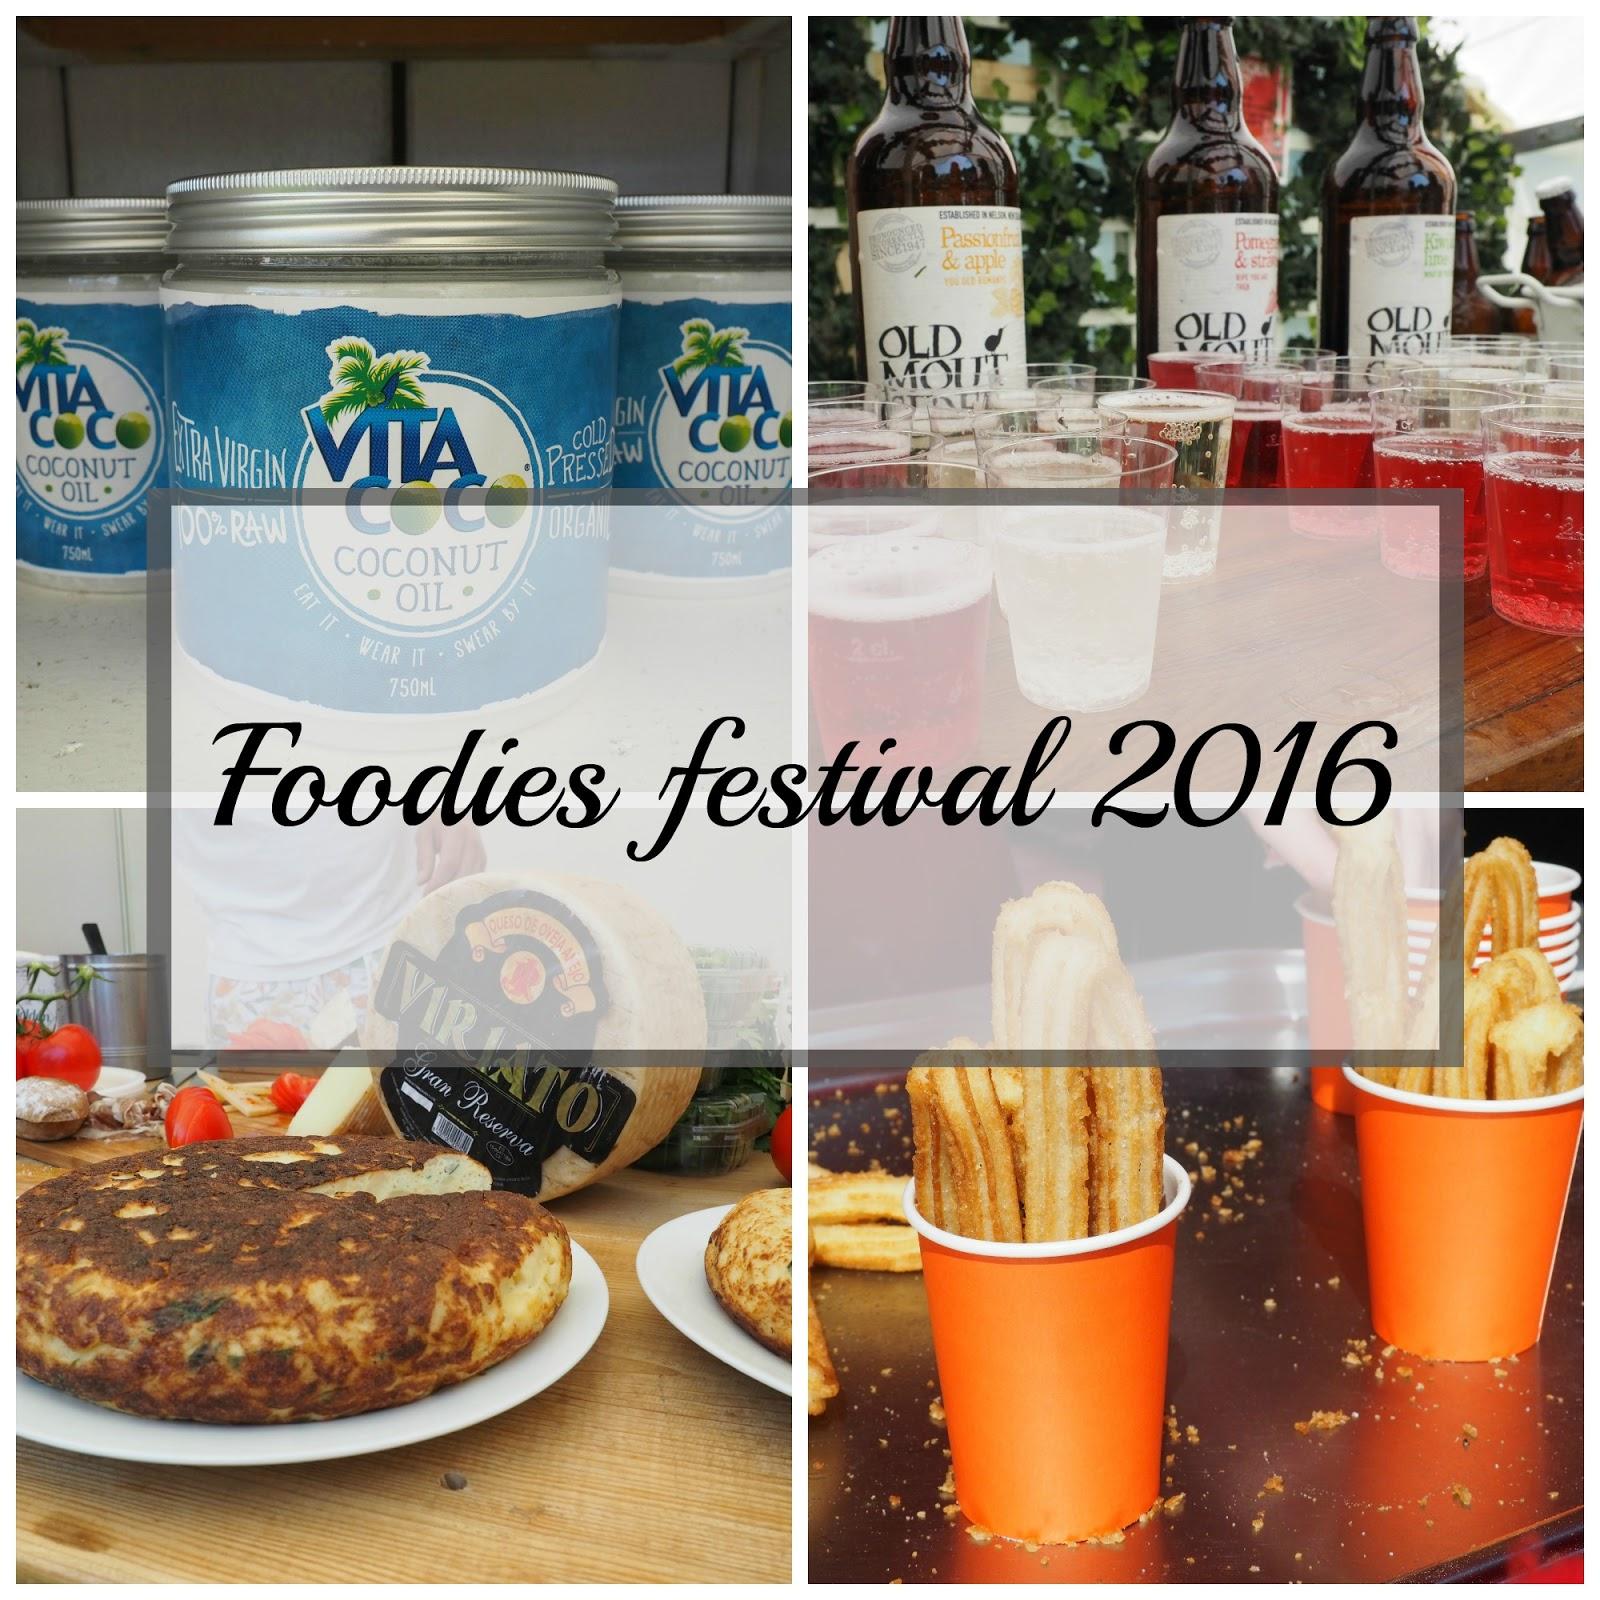 Foodies festival Birmingham